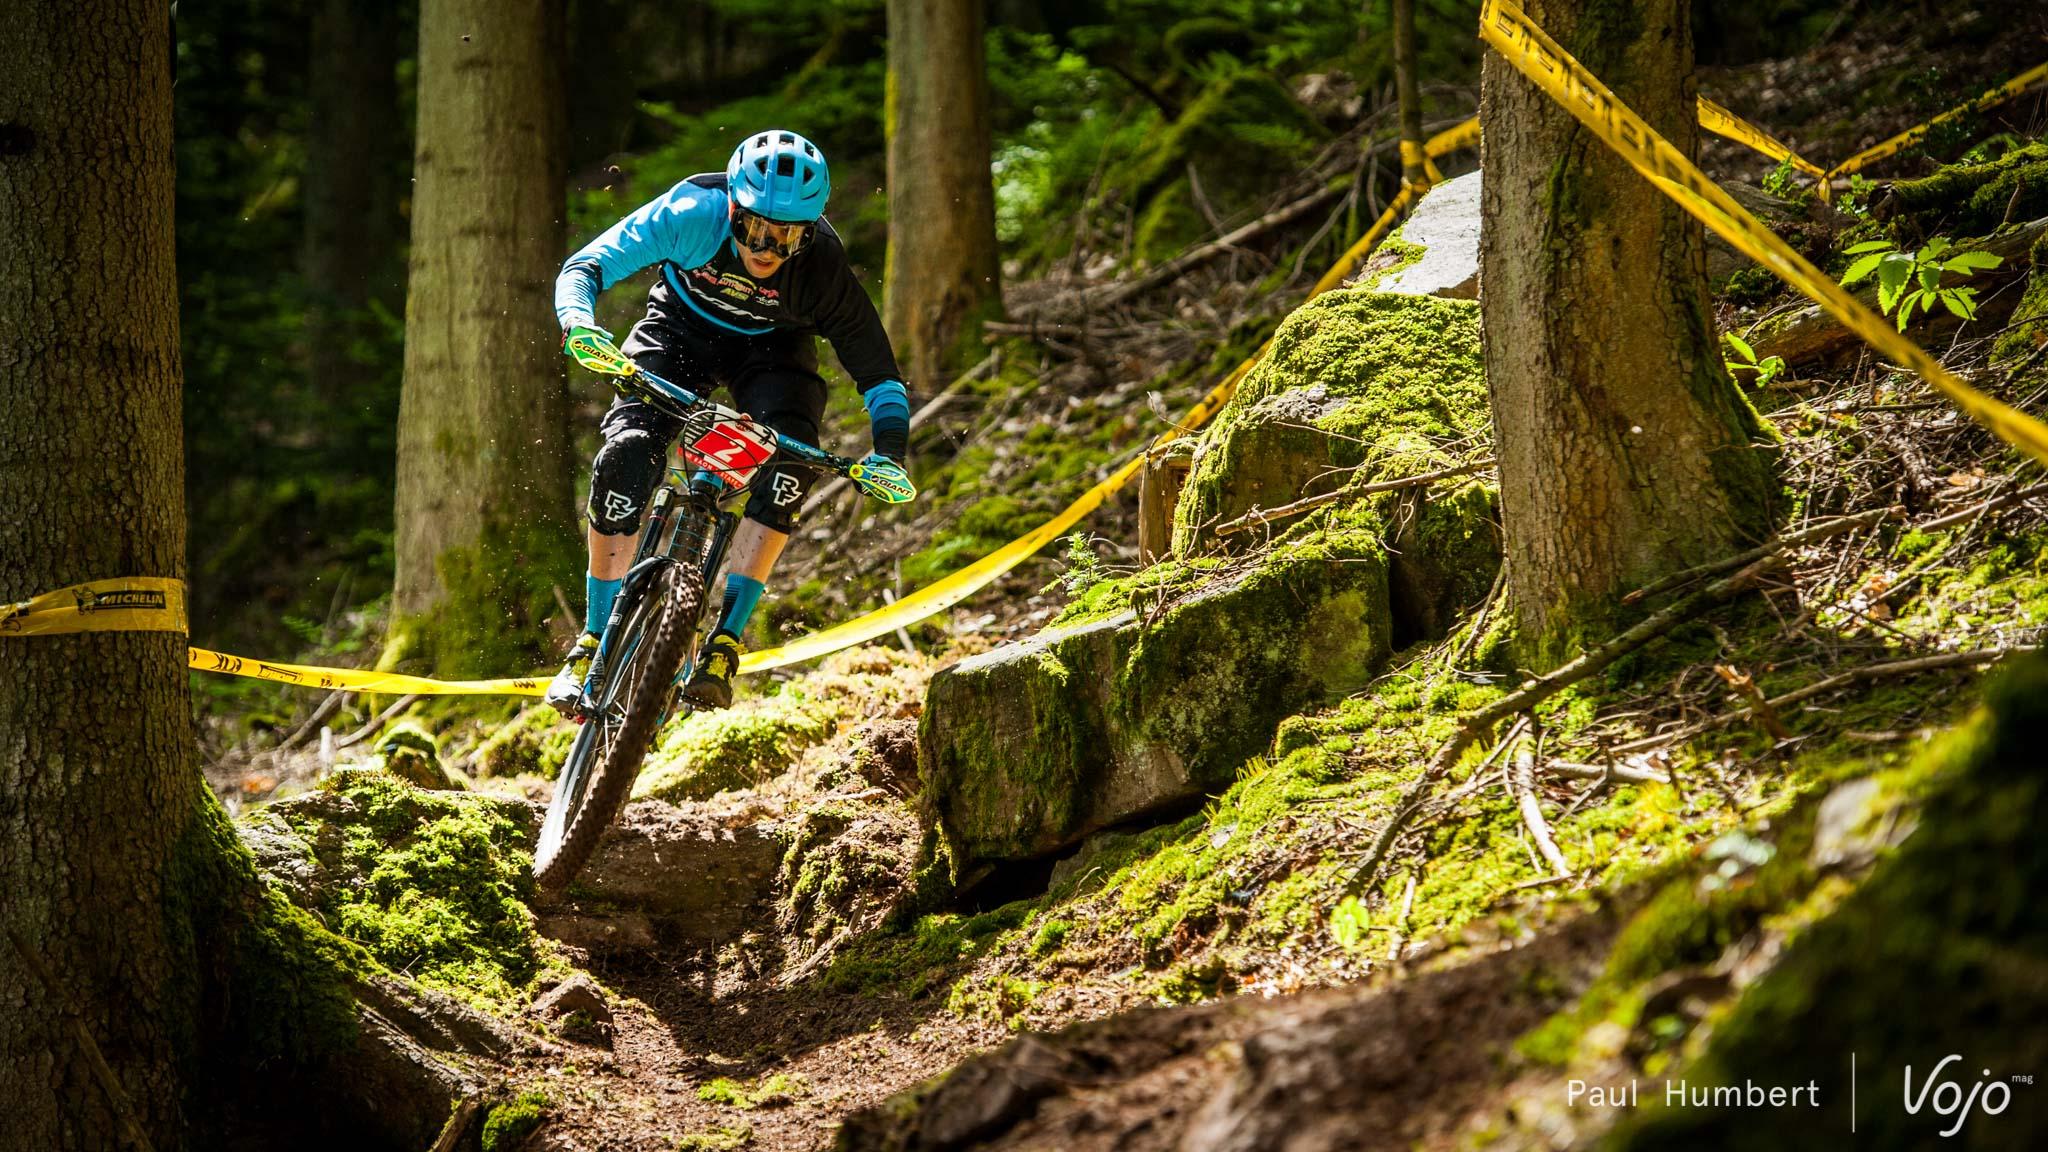 Raon-l-etape-vojo-2016-paul-humbert-49